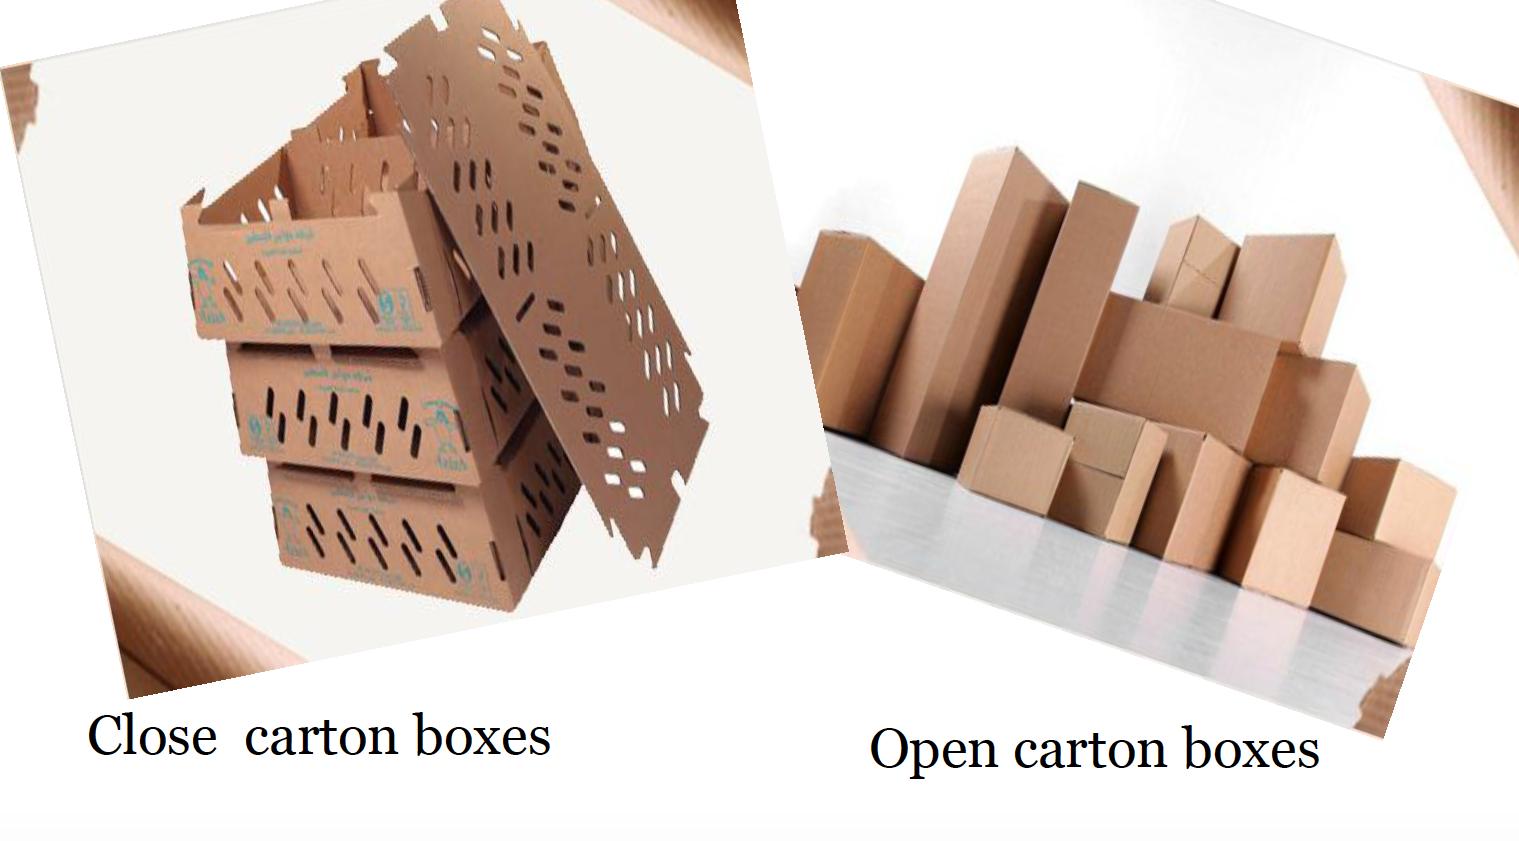 تنفيذ Lean Manufacturing في مصنع كرتون Carton Box Carton Crafts